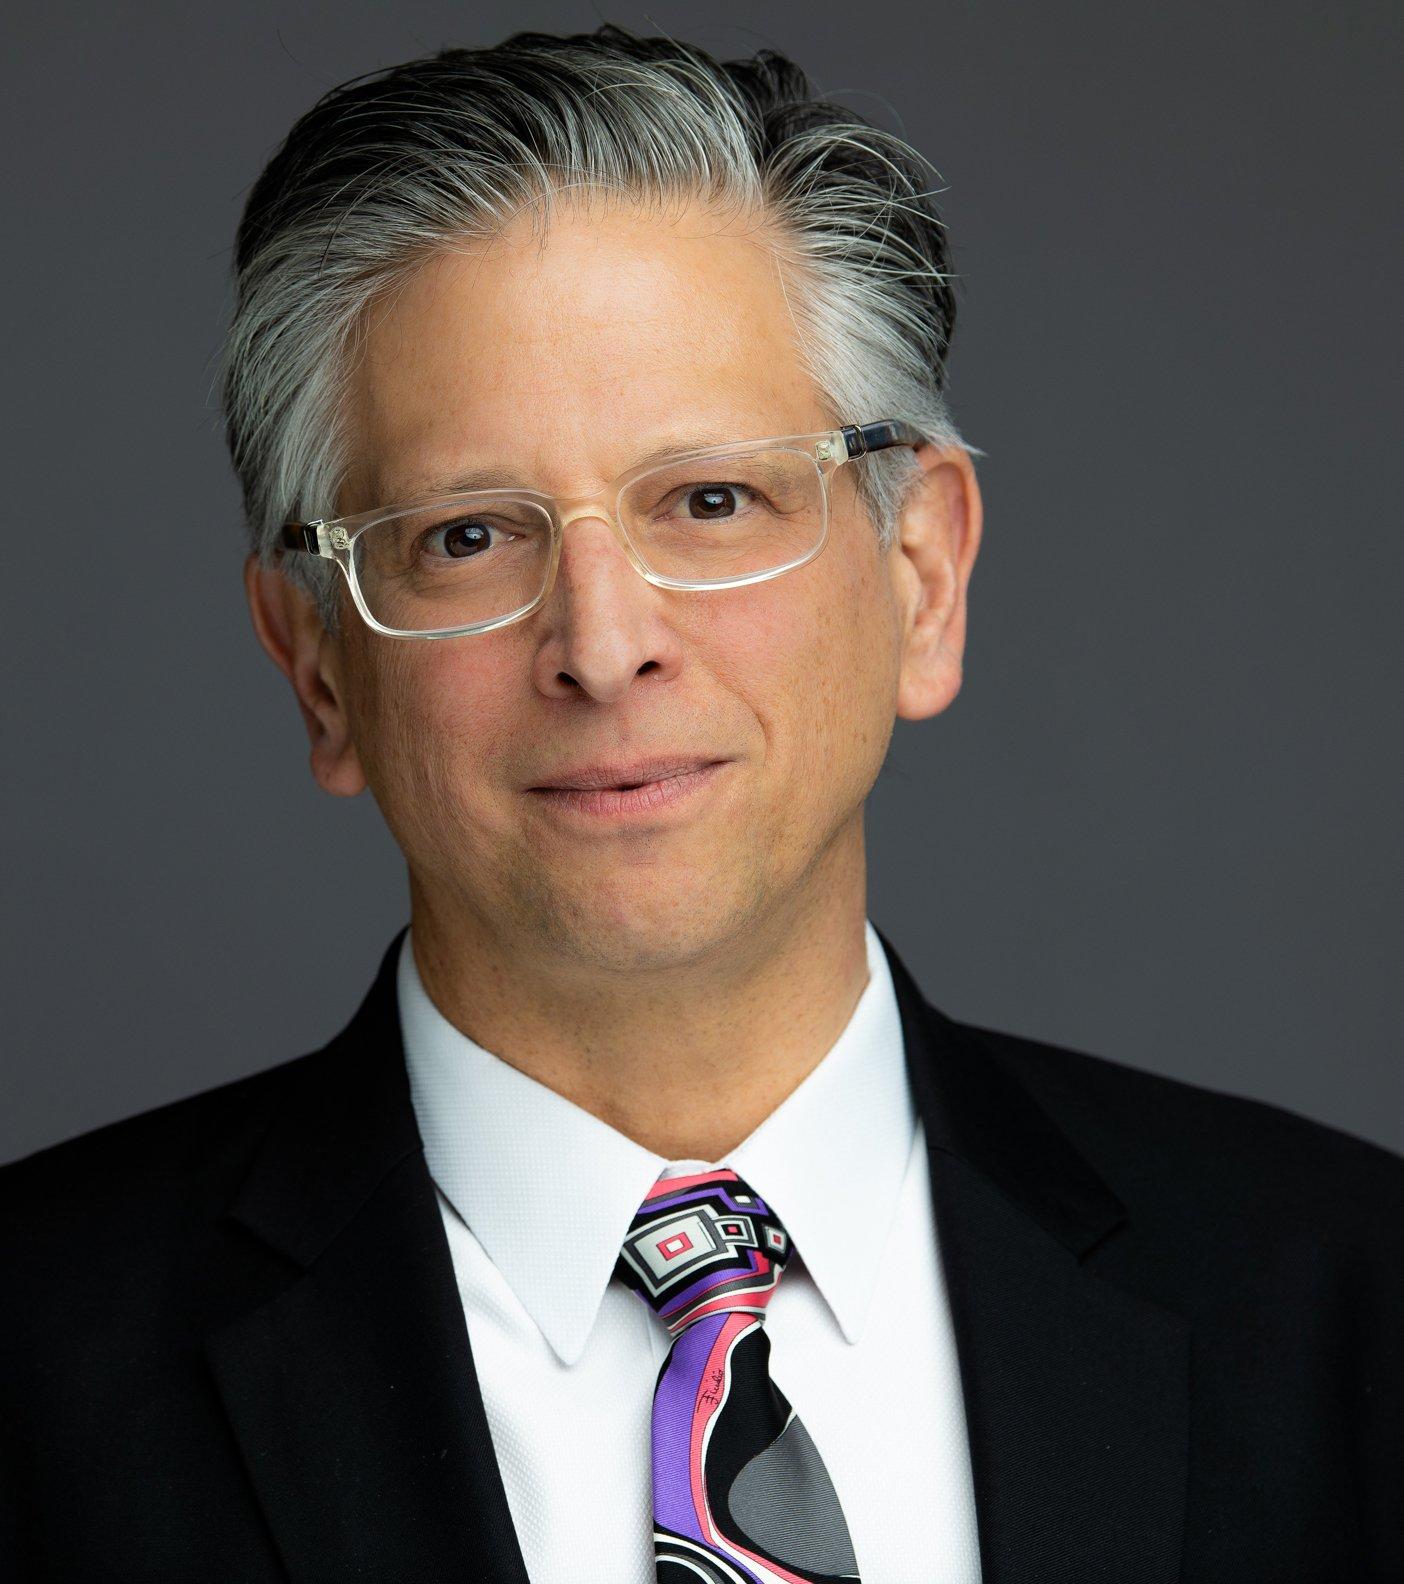 Portrait of Paul Weiss